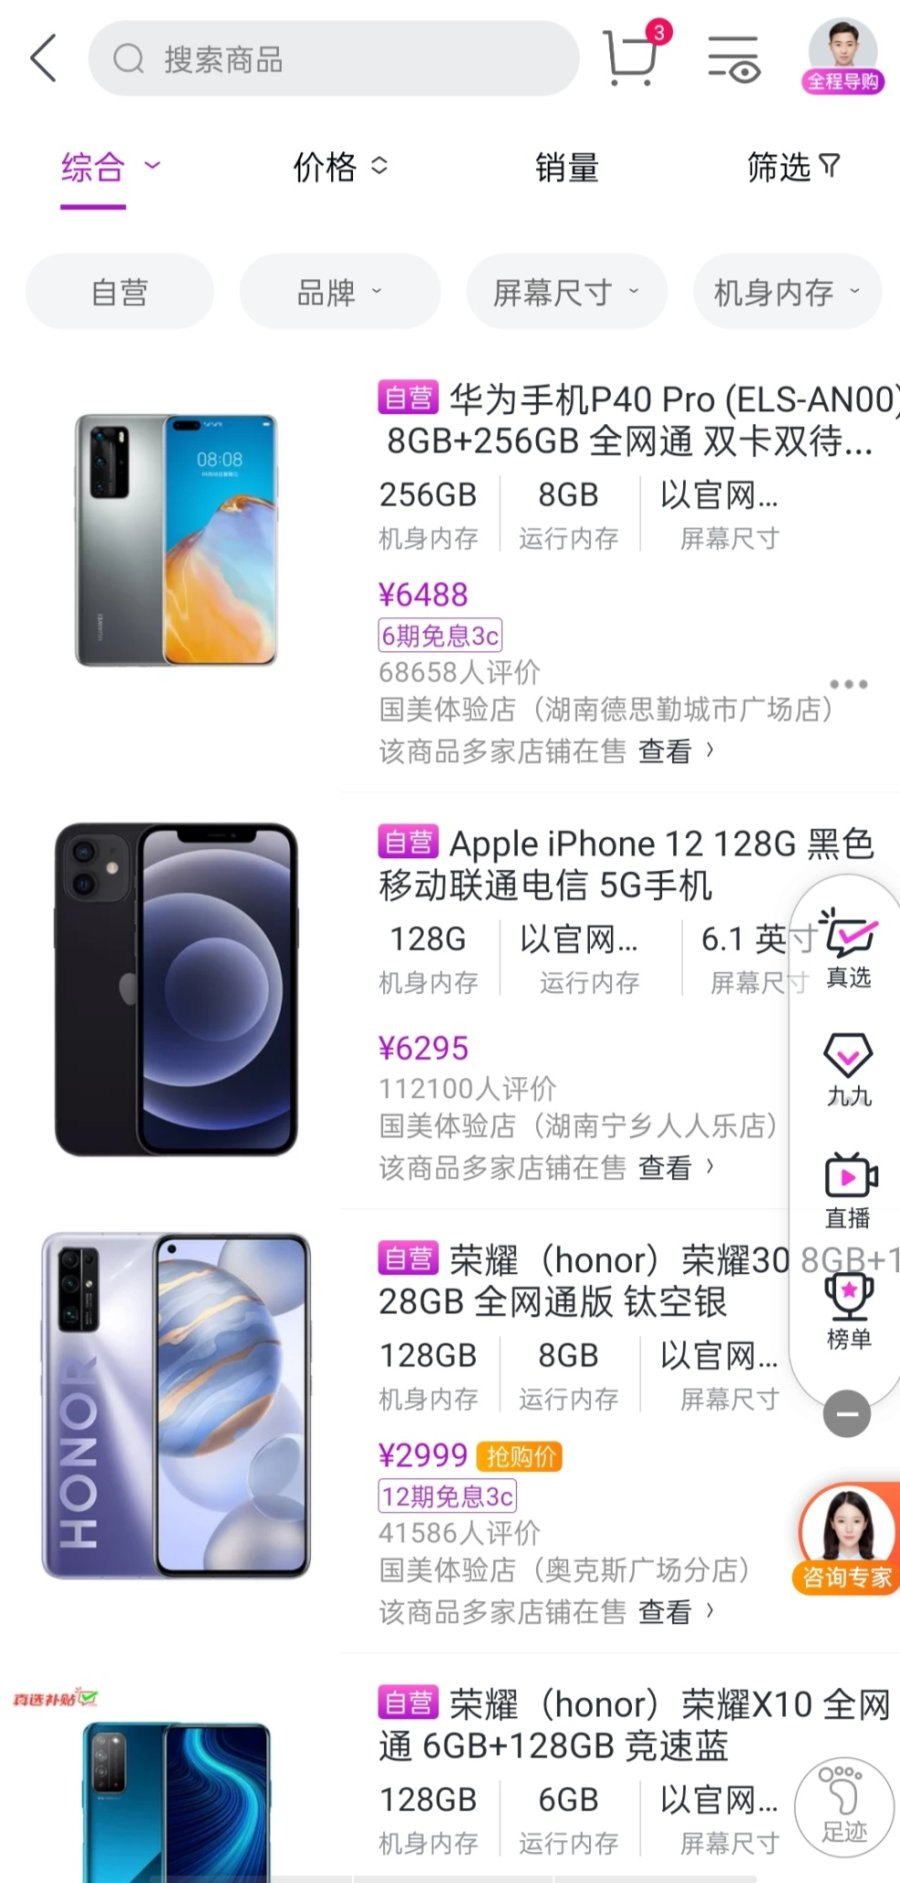 """杏耀线路测试春游拍盛景 """"真快乐""""APP买新手机帮你留住美好时光"""